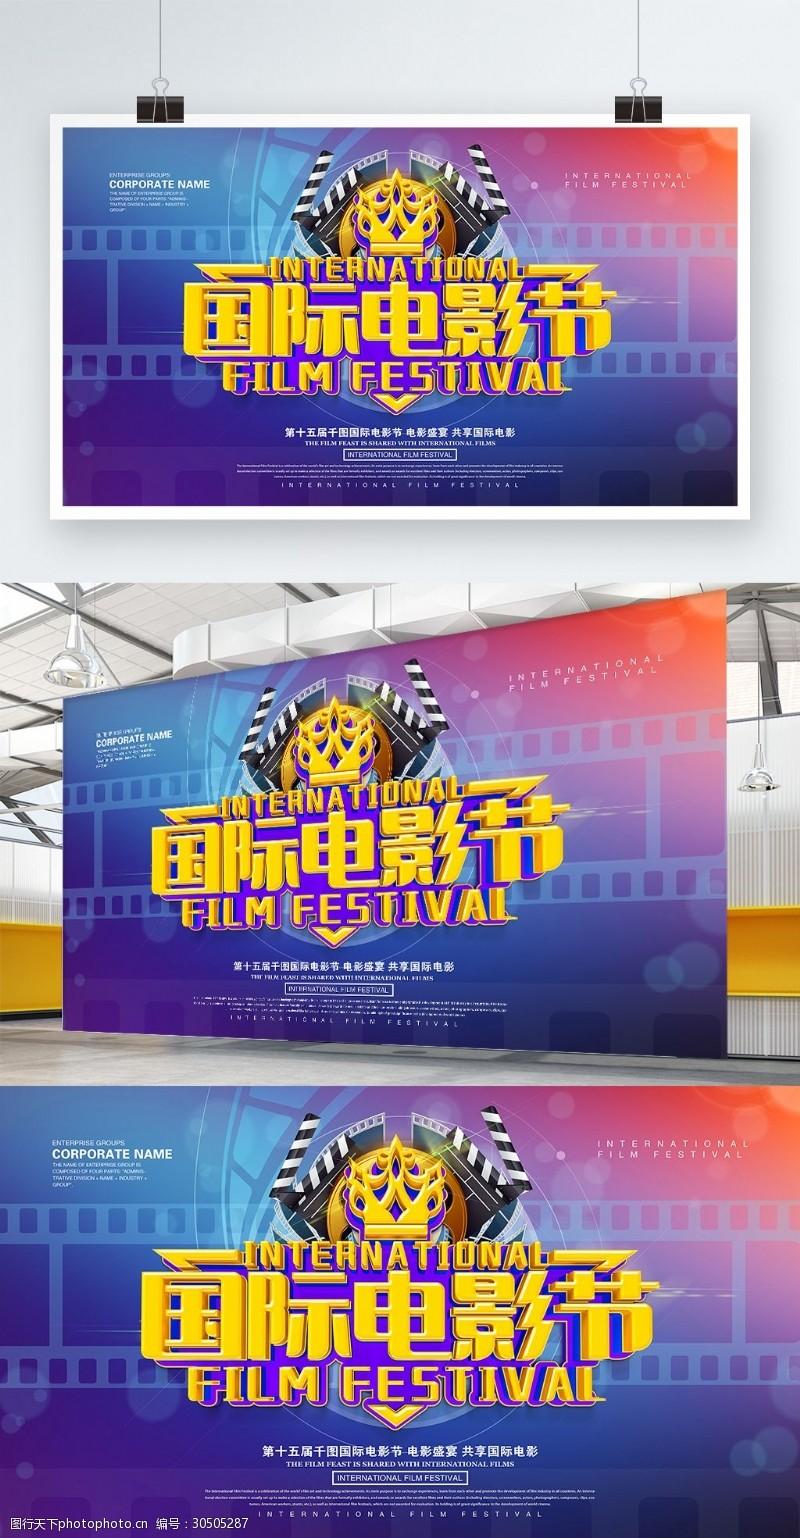 国际电影节展板海报设计